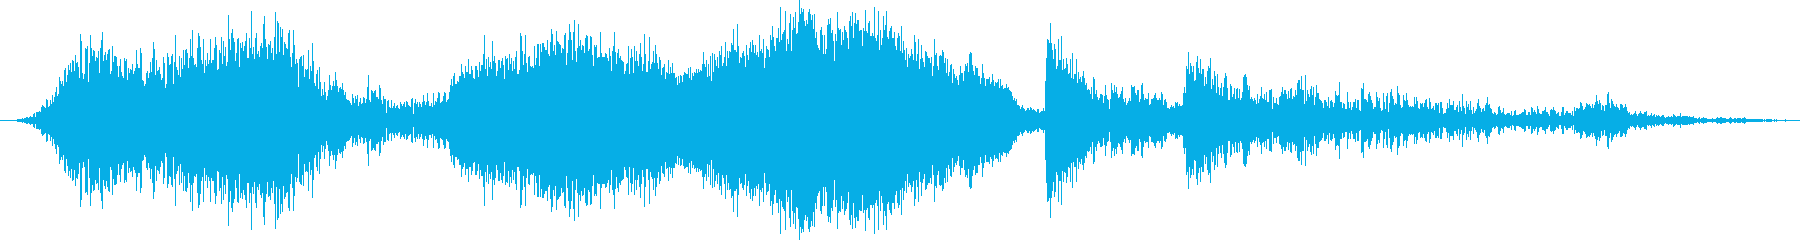 ラスティメタル:ヘビーターンオアラ...の再生済みの波形